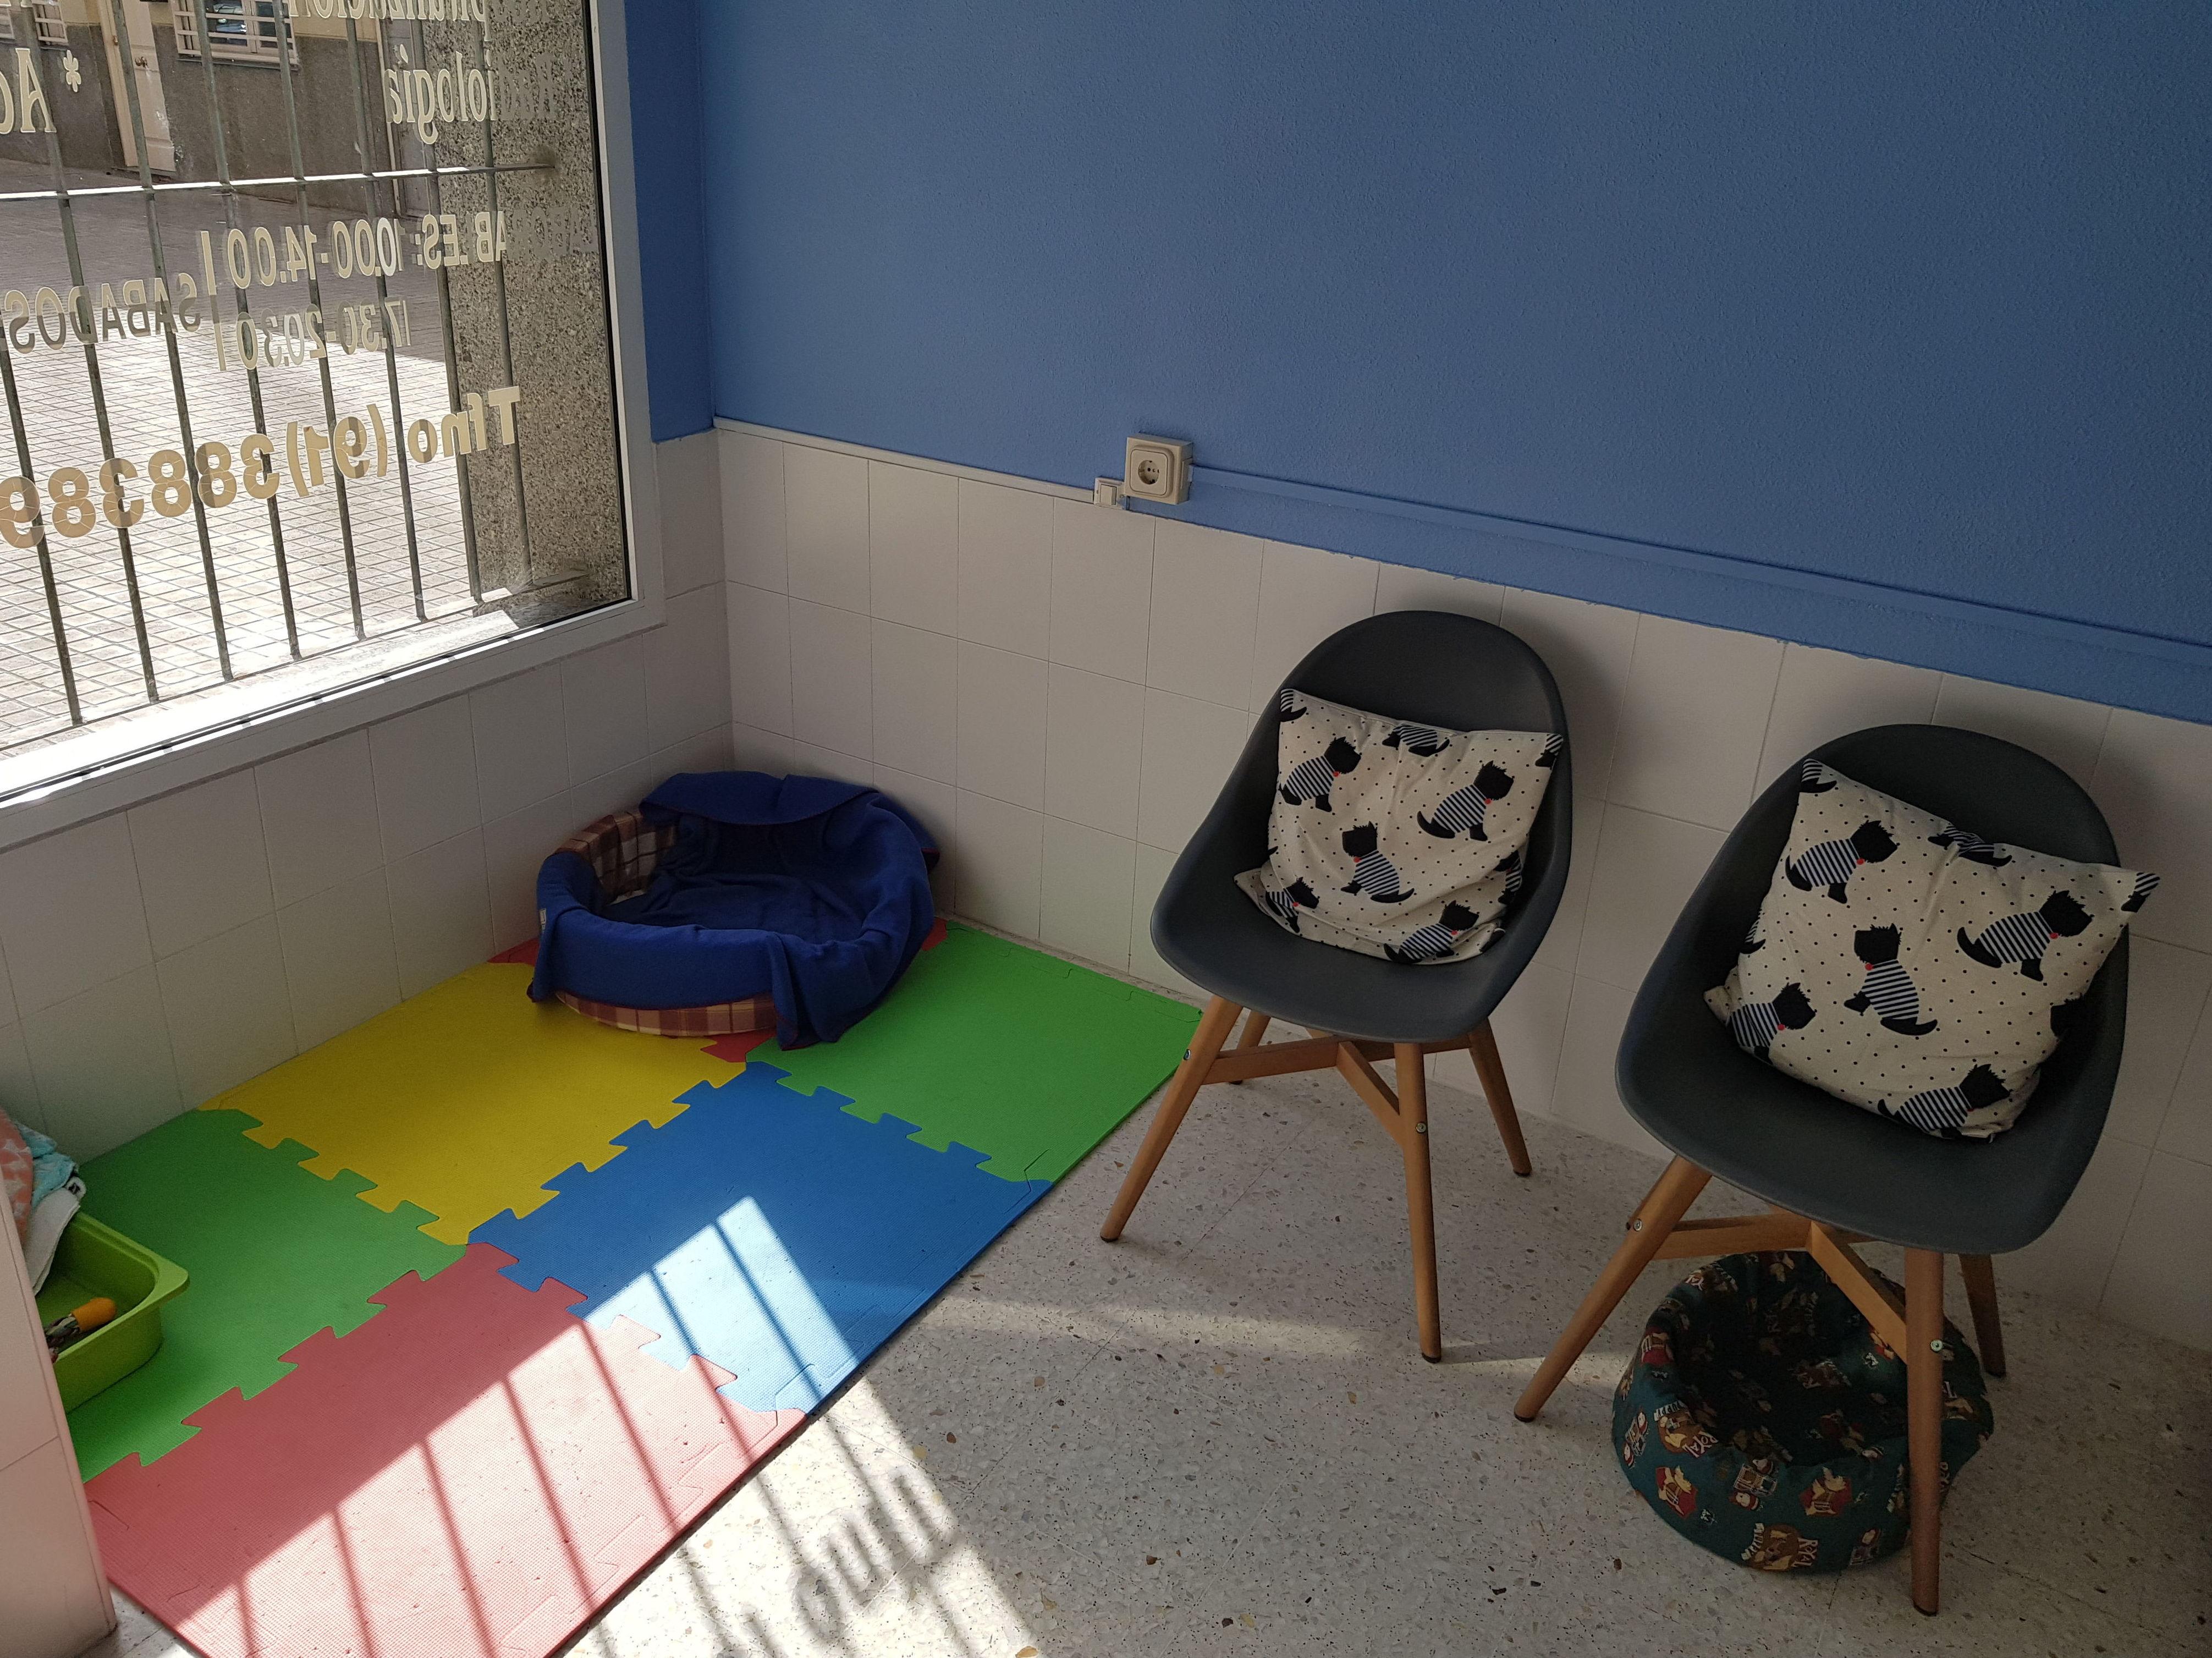 Clínica veterinaria, sala de espera, zona de juegos para perros